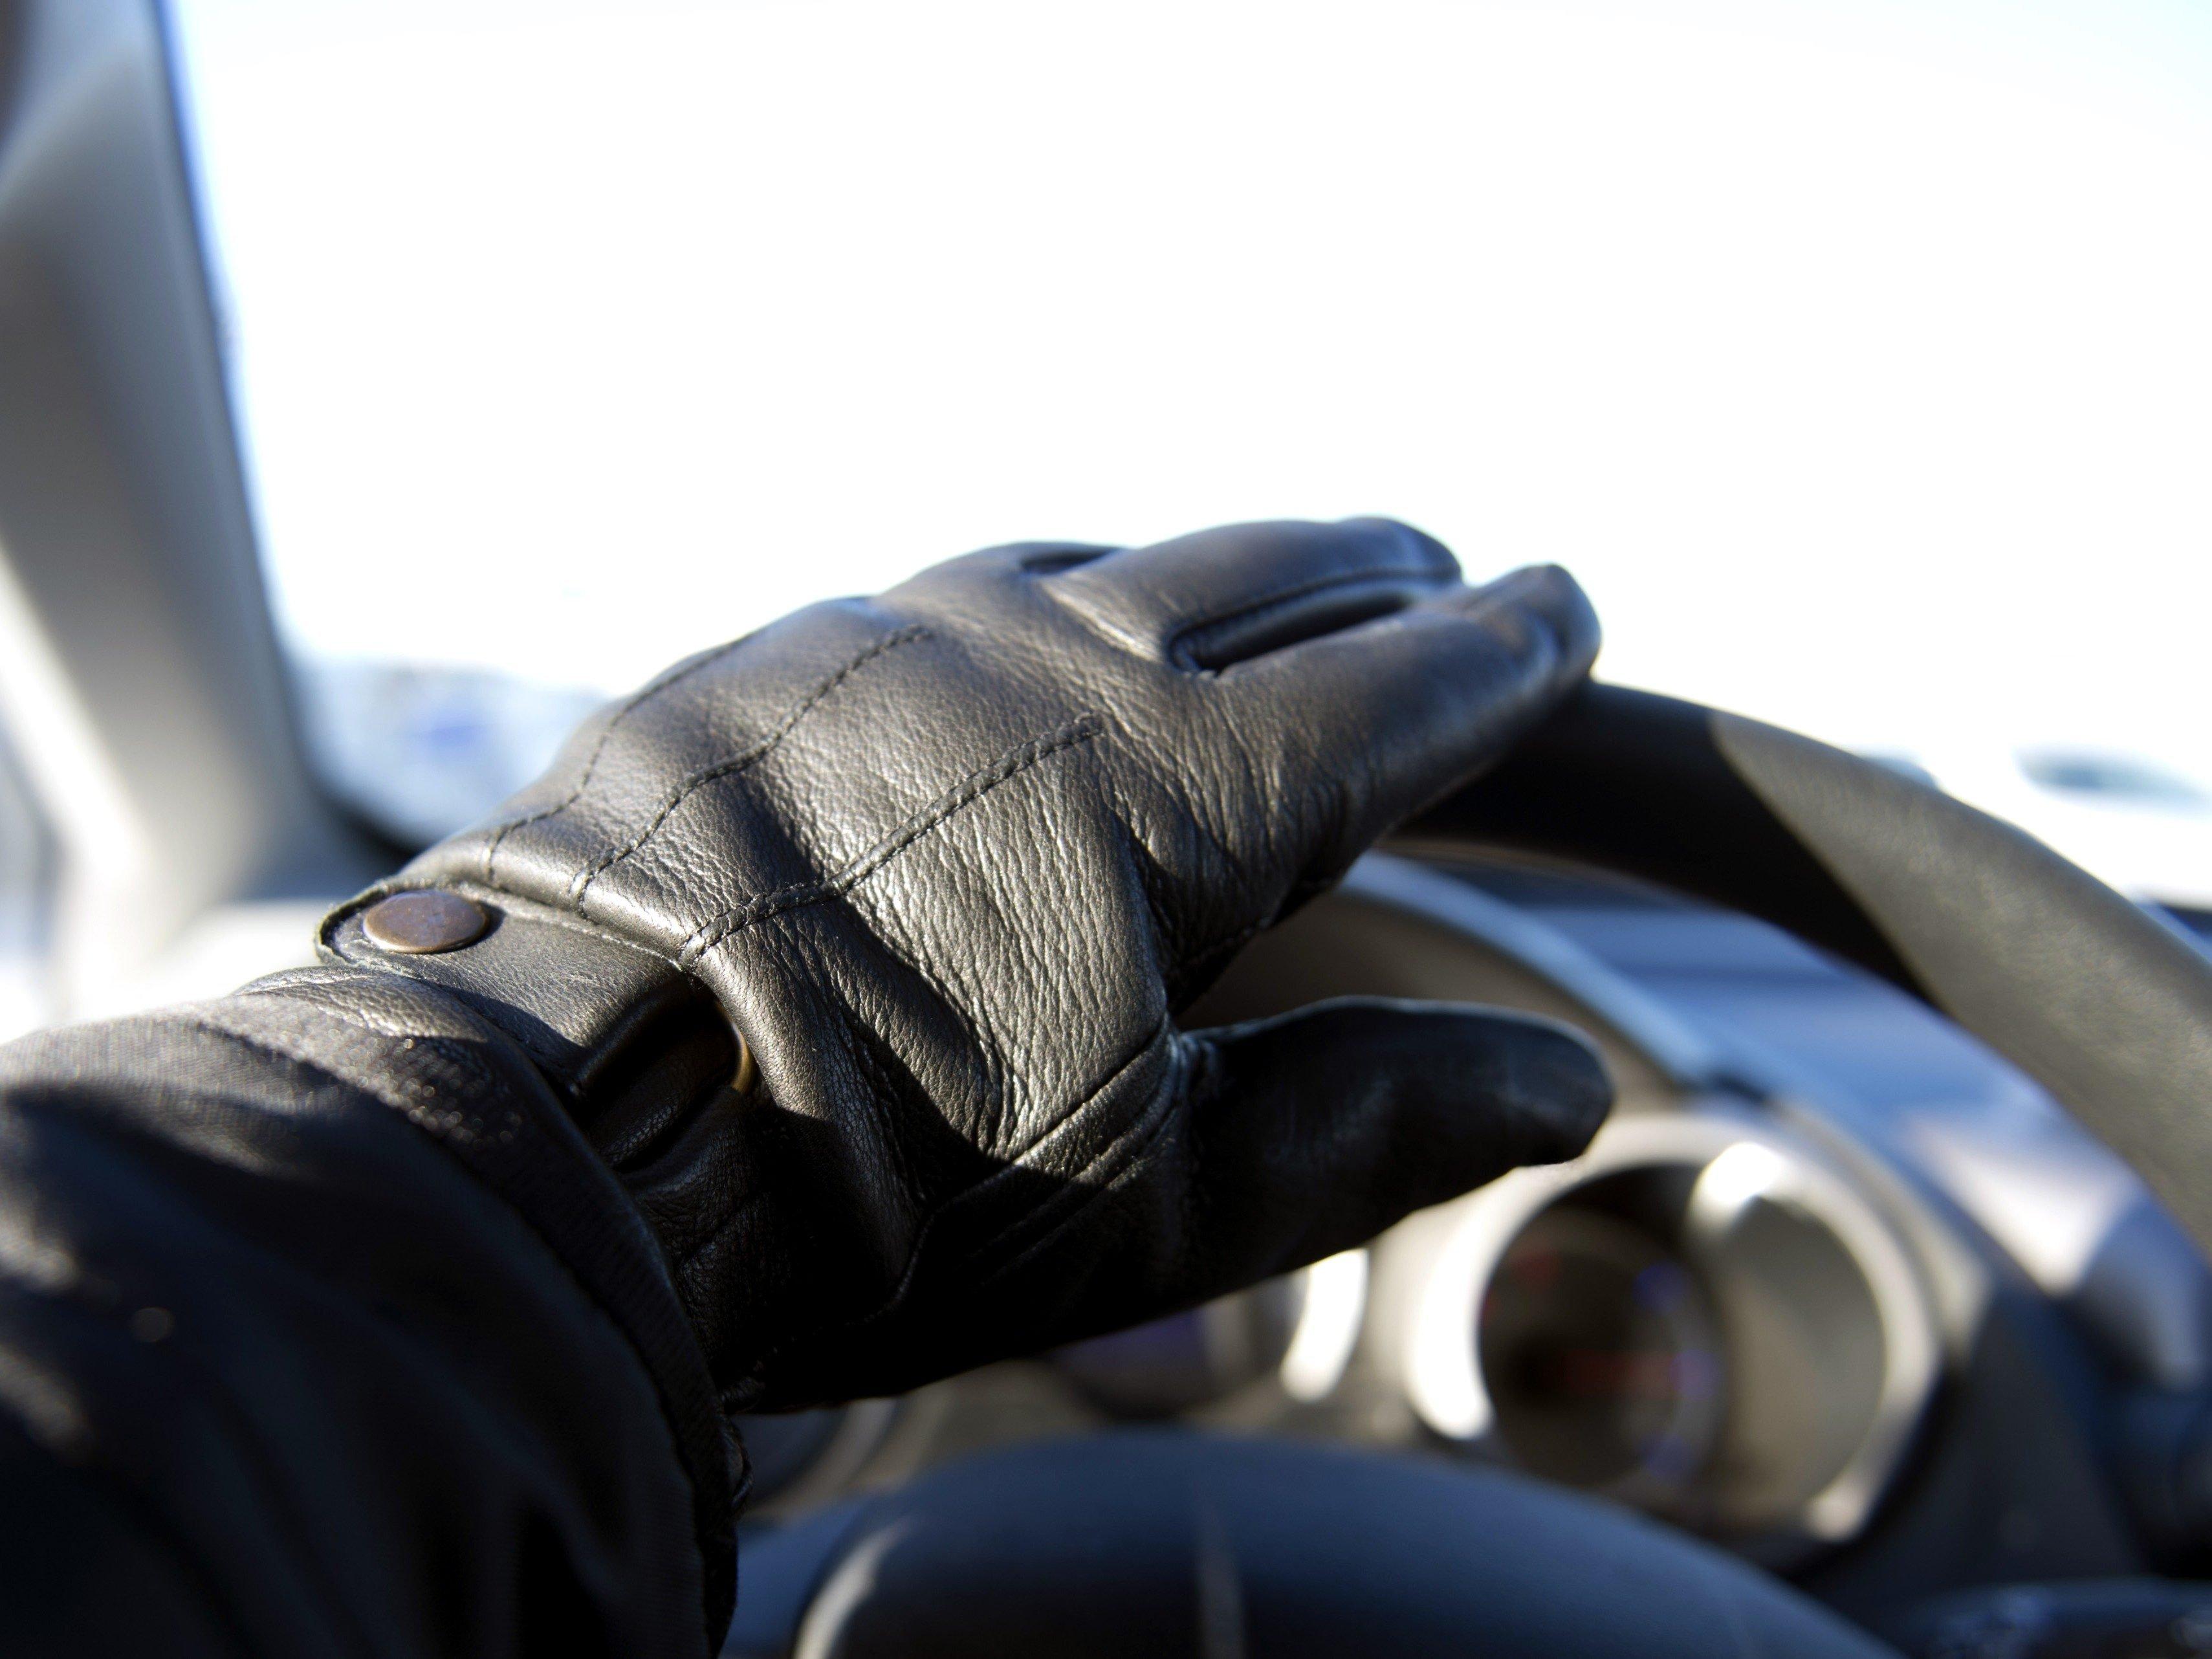 2. Heated Car Steering Wheel Covers